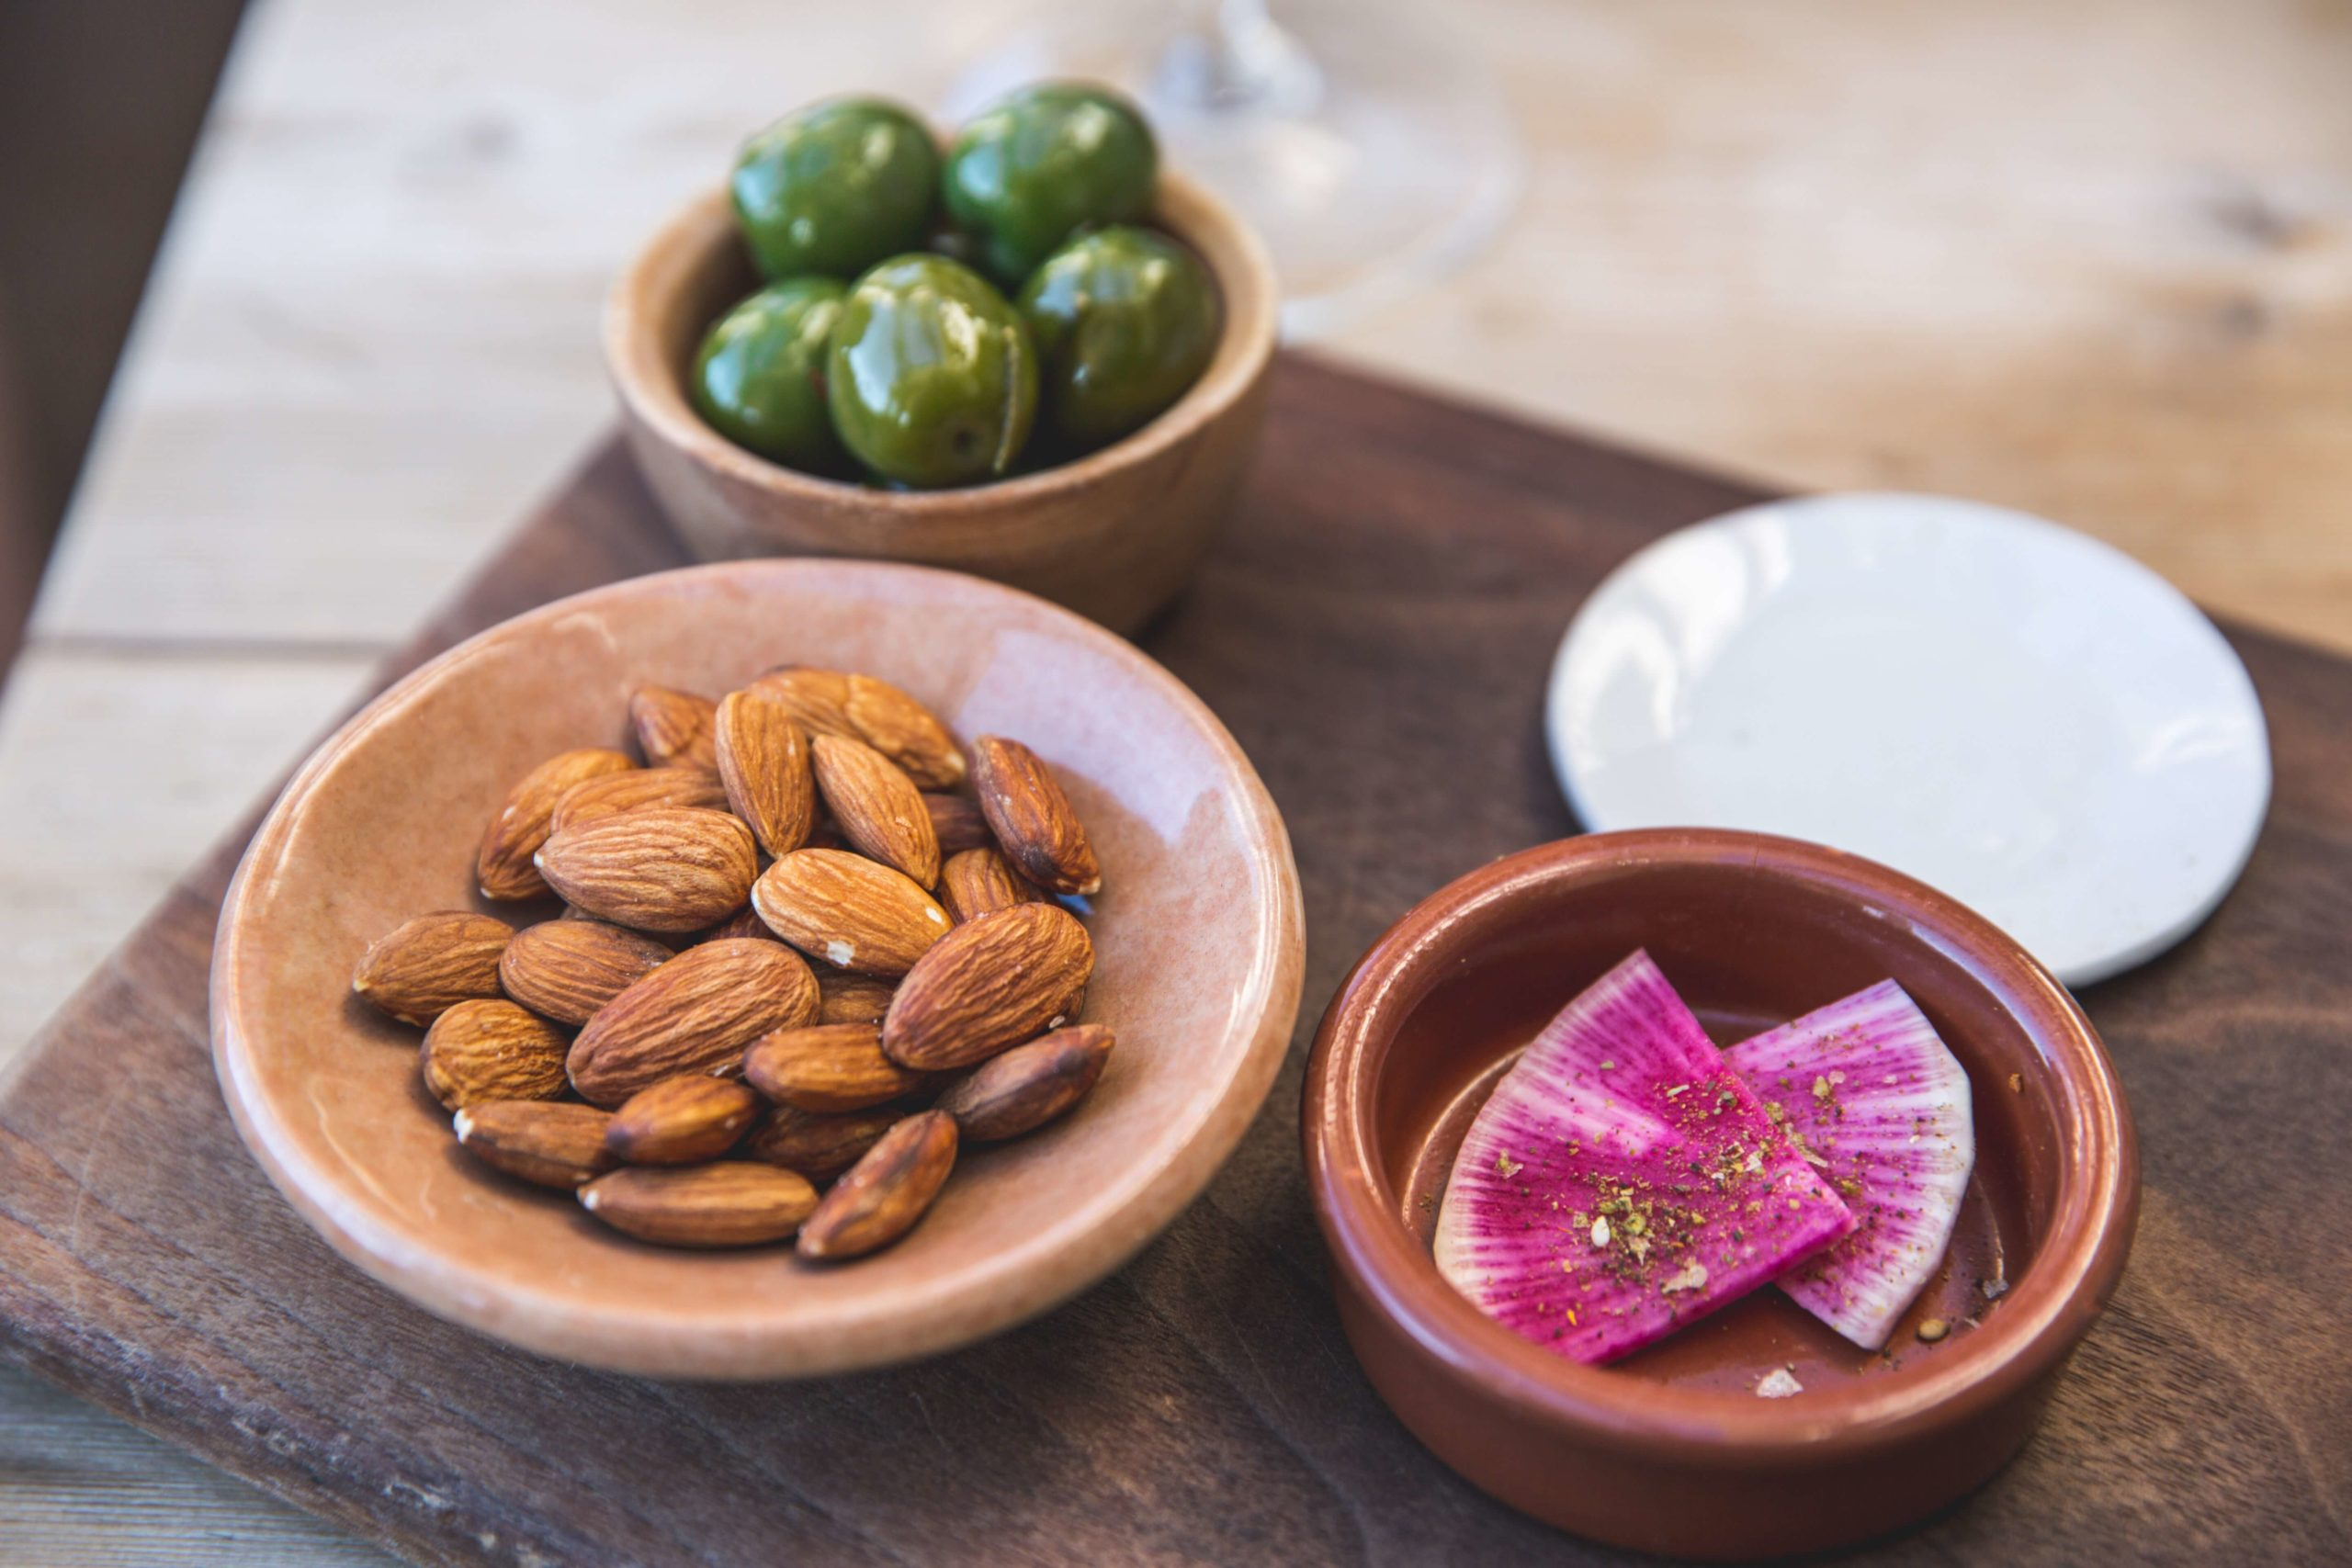 A la recherche d'encas ou de petits déjeuners sains ? Découvrez les nombreux bienfaits des fruits secs et des céréales sur votre santé !